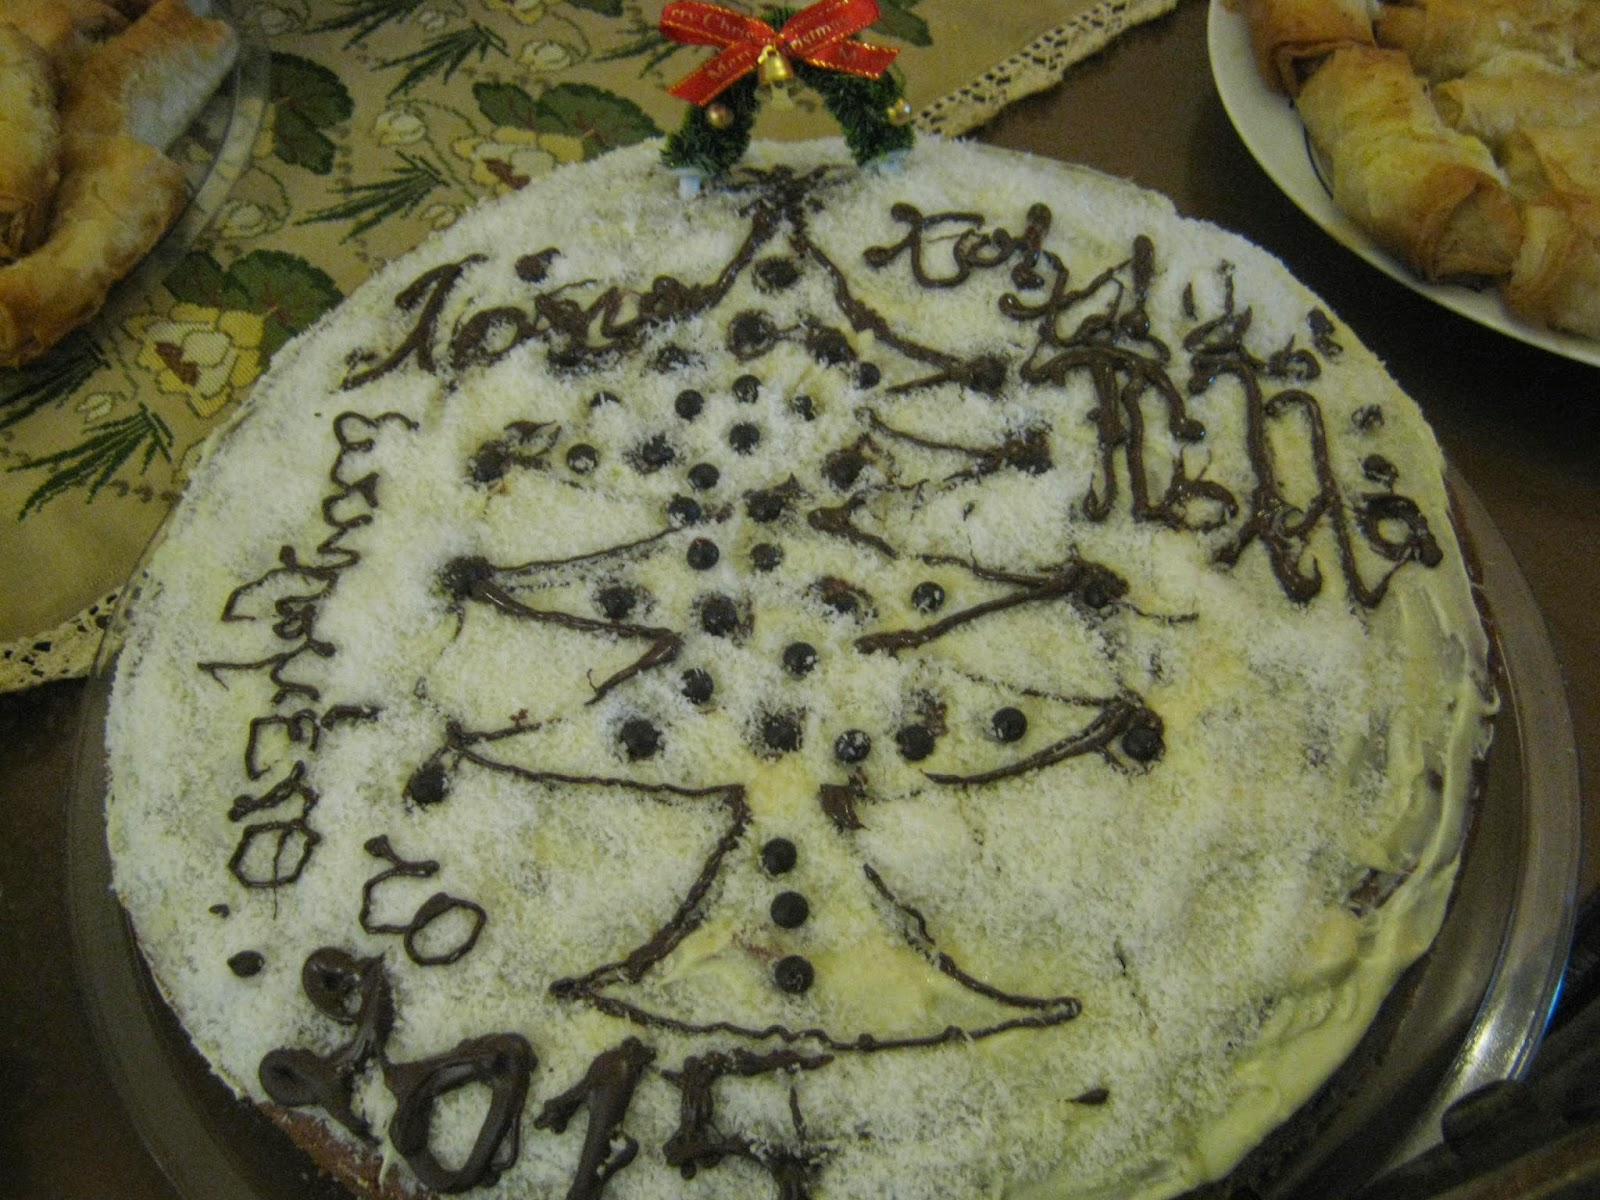 Και η φετινή μας βασιλόπιτα που μπορεί να γίνει και ένα απίθανο κέικ!